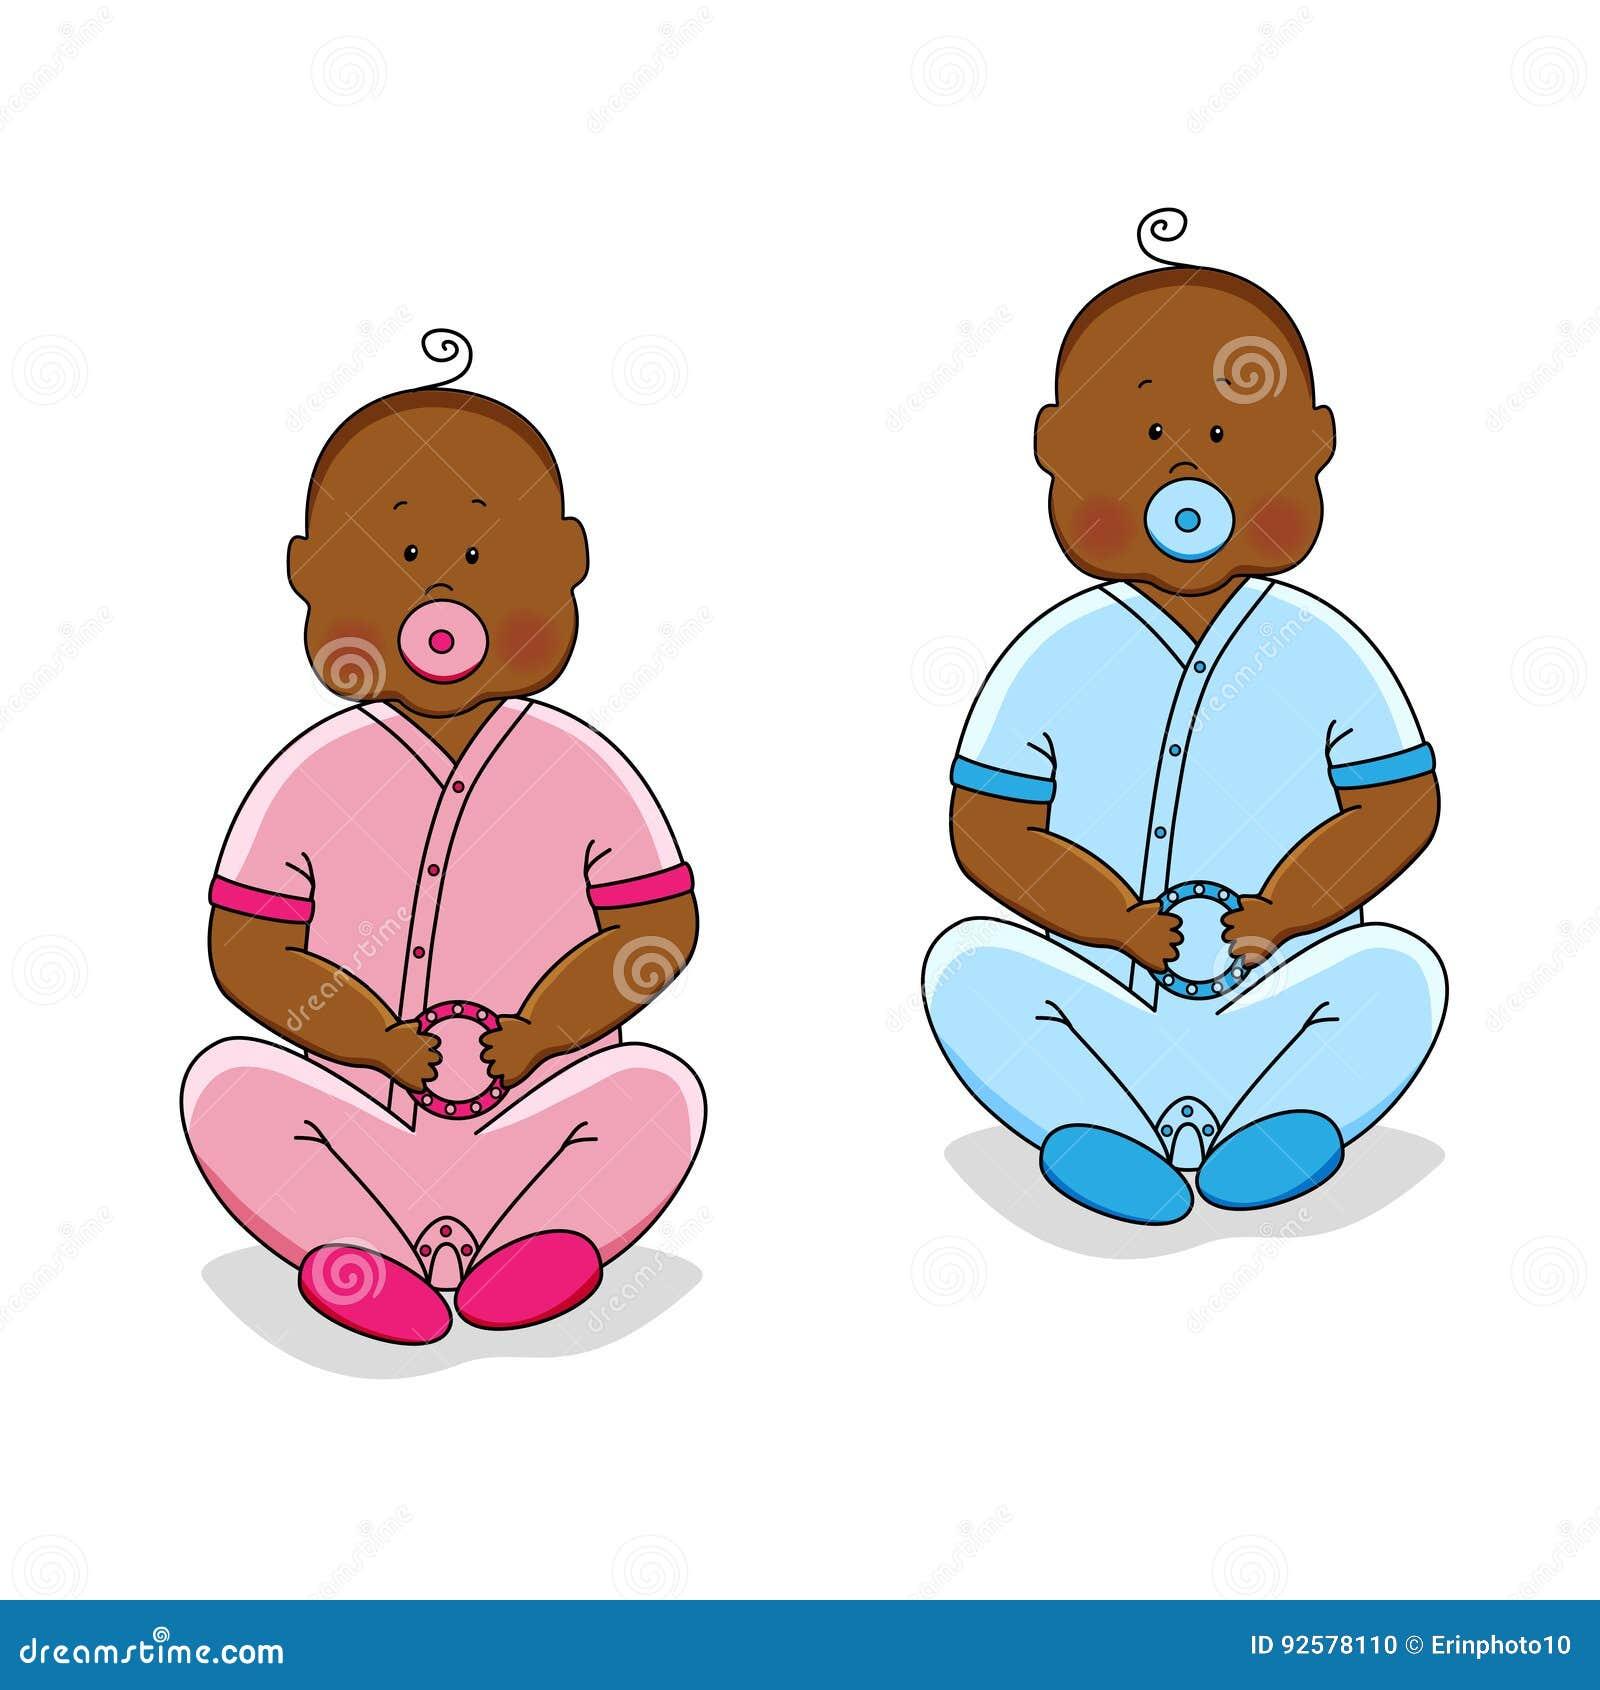 Personajes De Dibujos Animados Lindos De Bebés Recién Nacidos